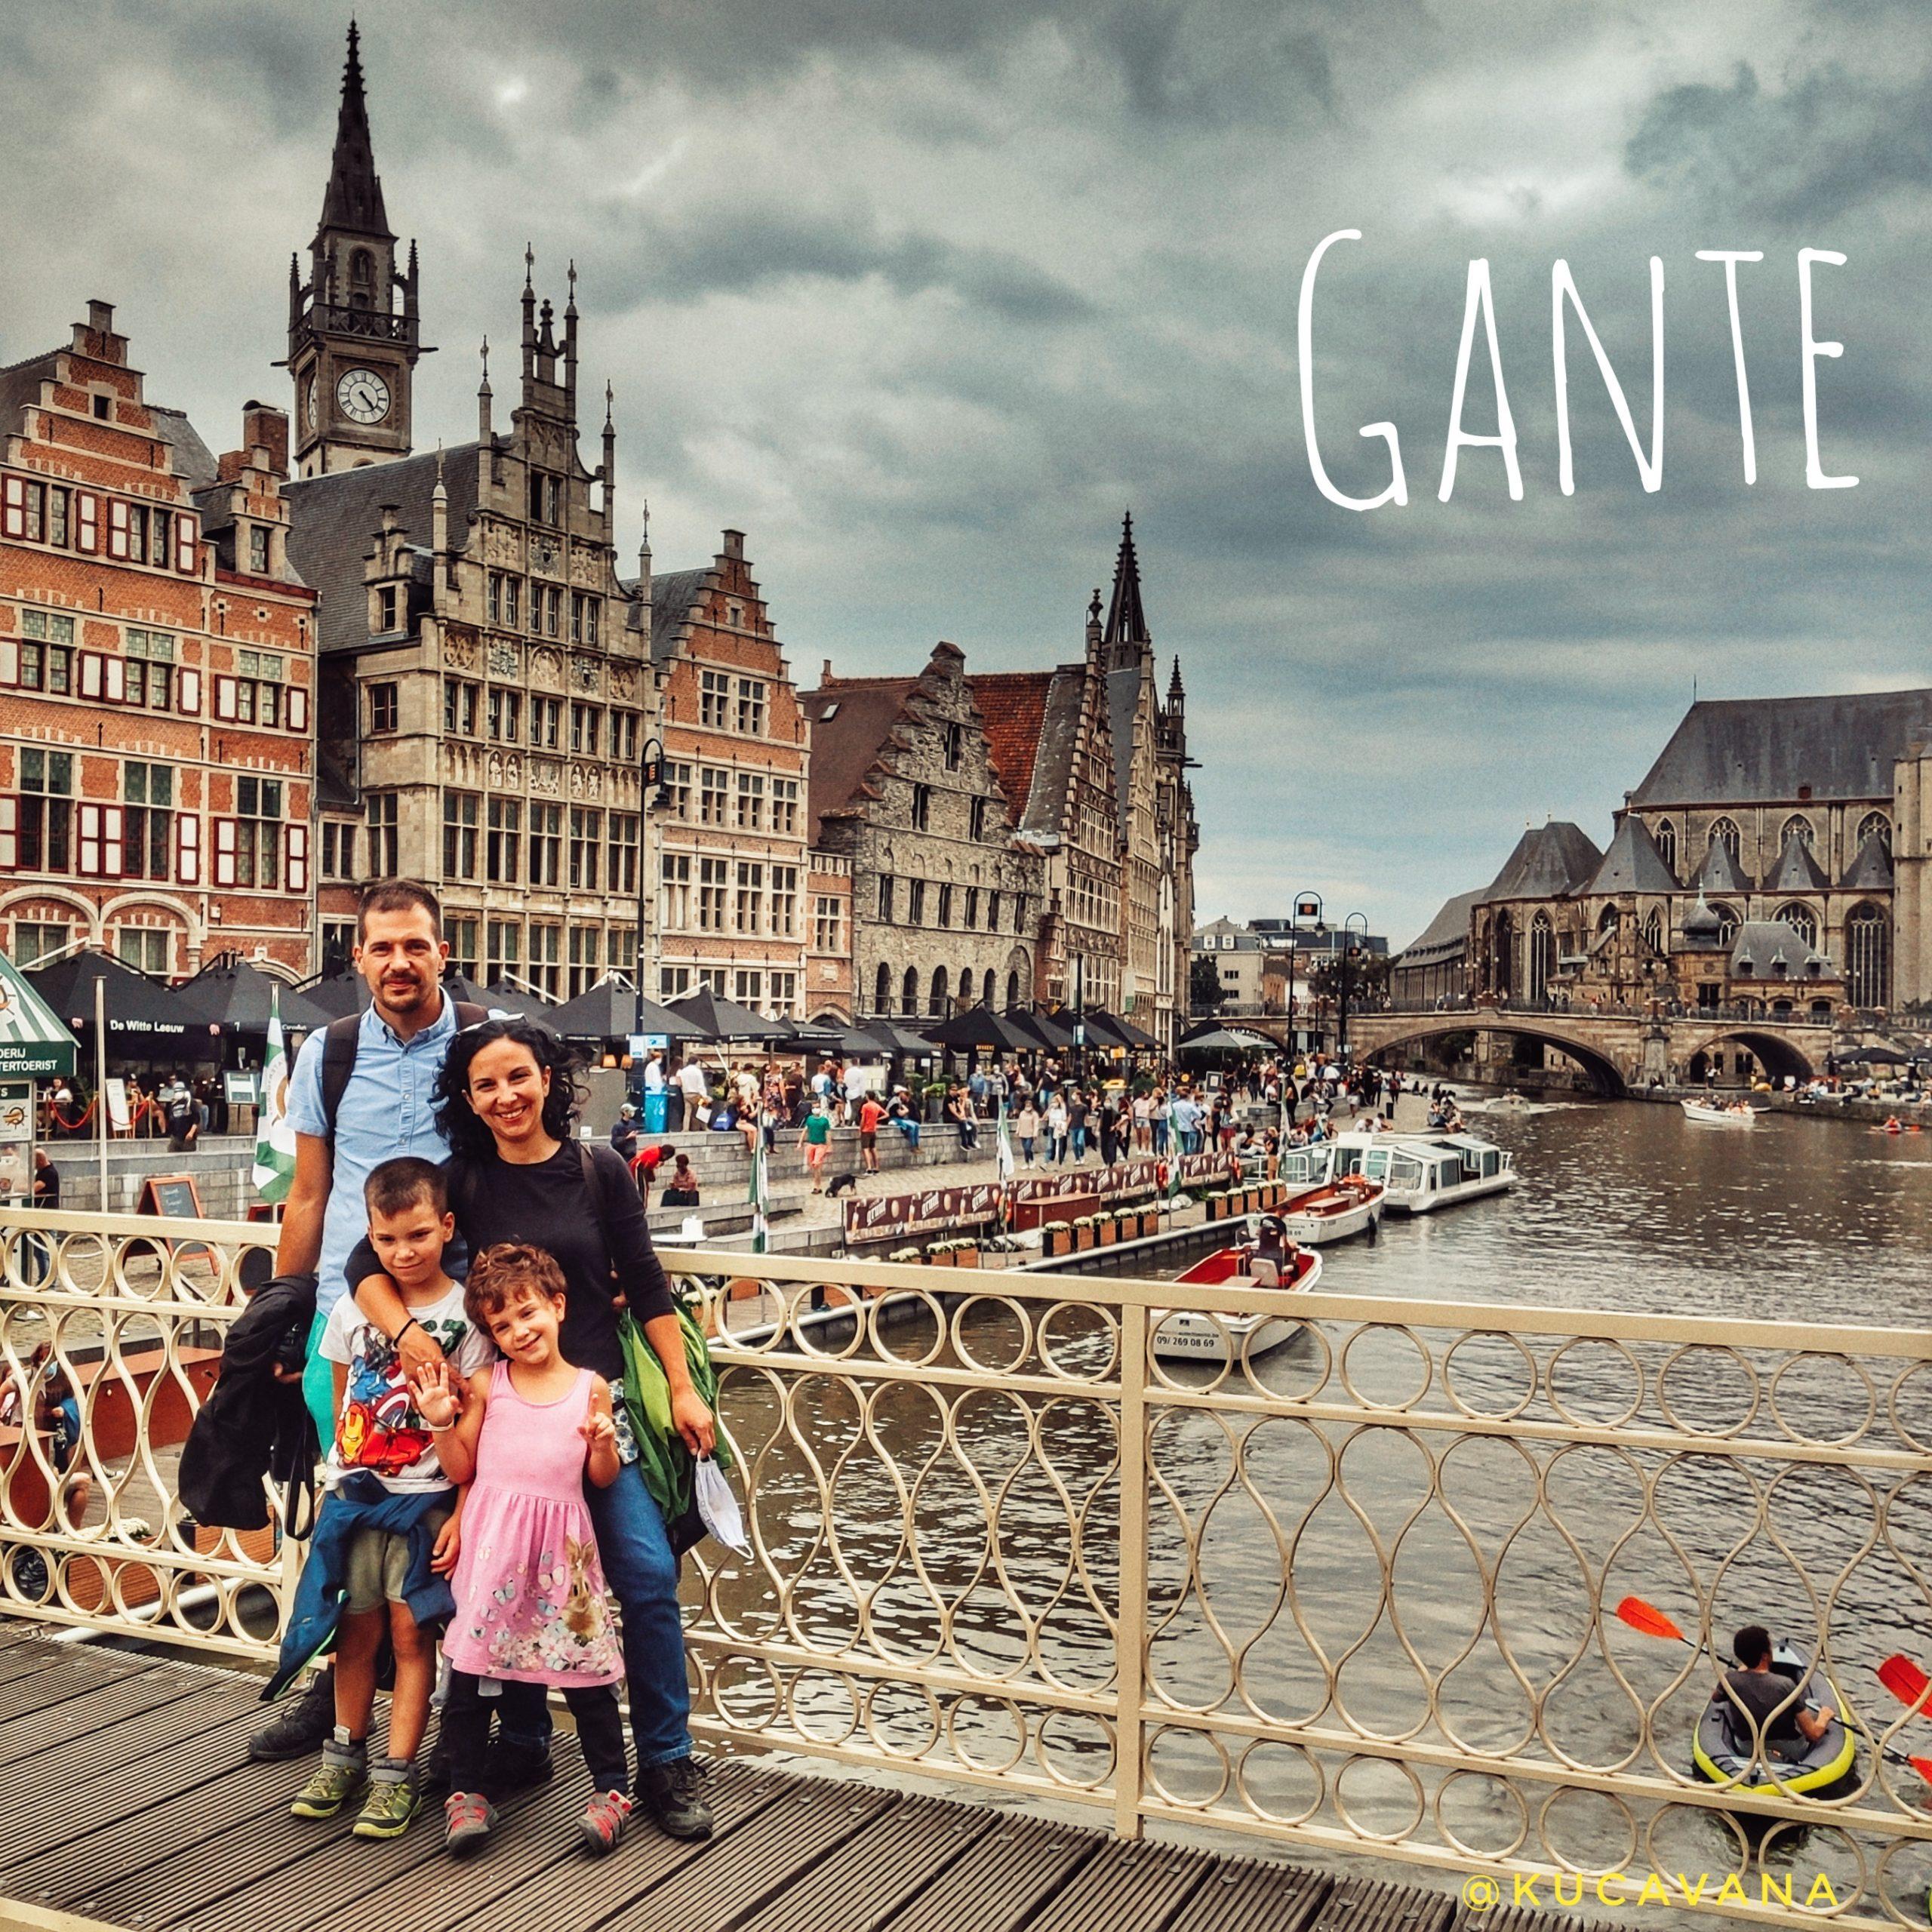 Gante en un día. La ciudad más medieval de Bélgica